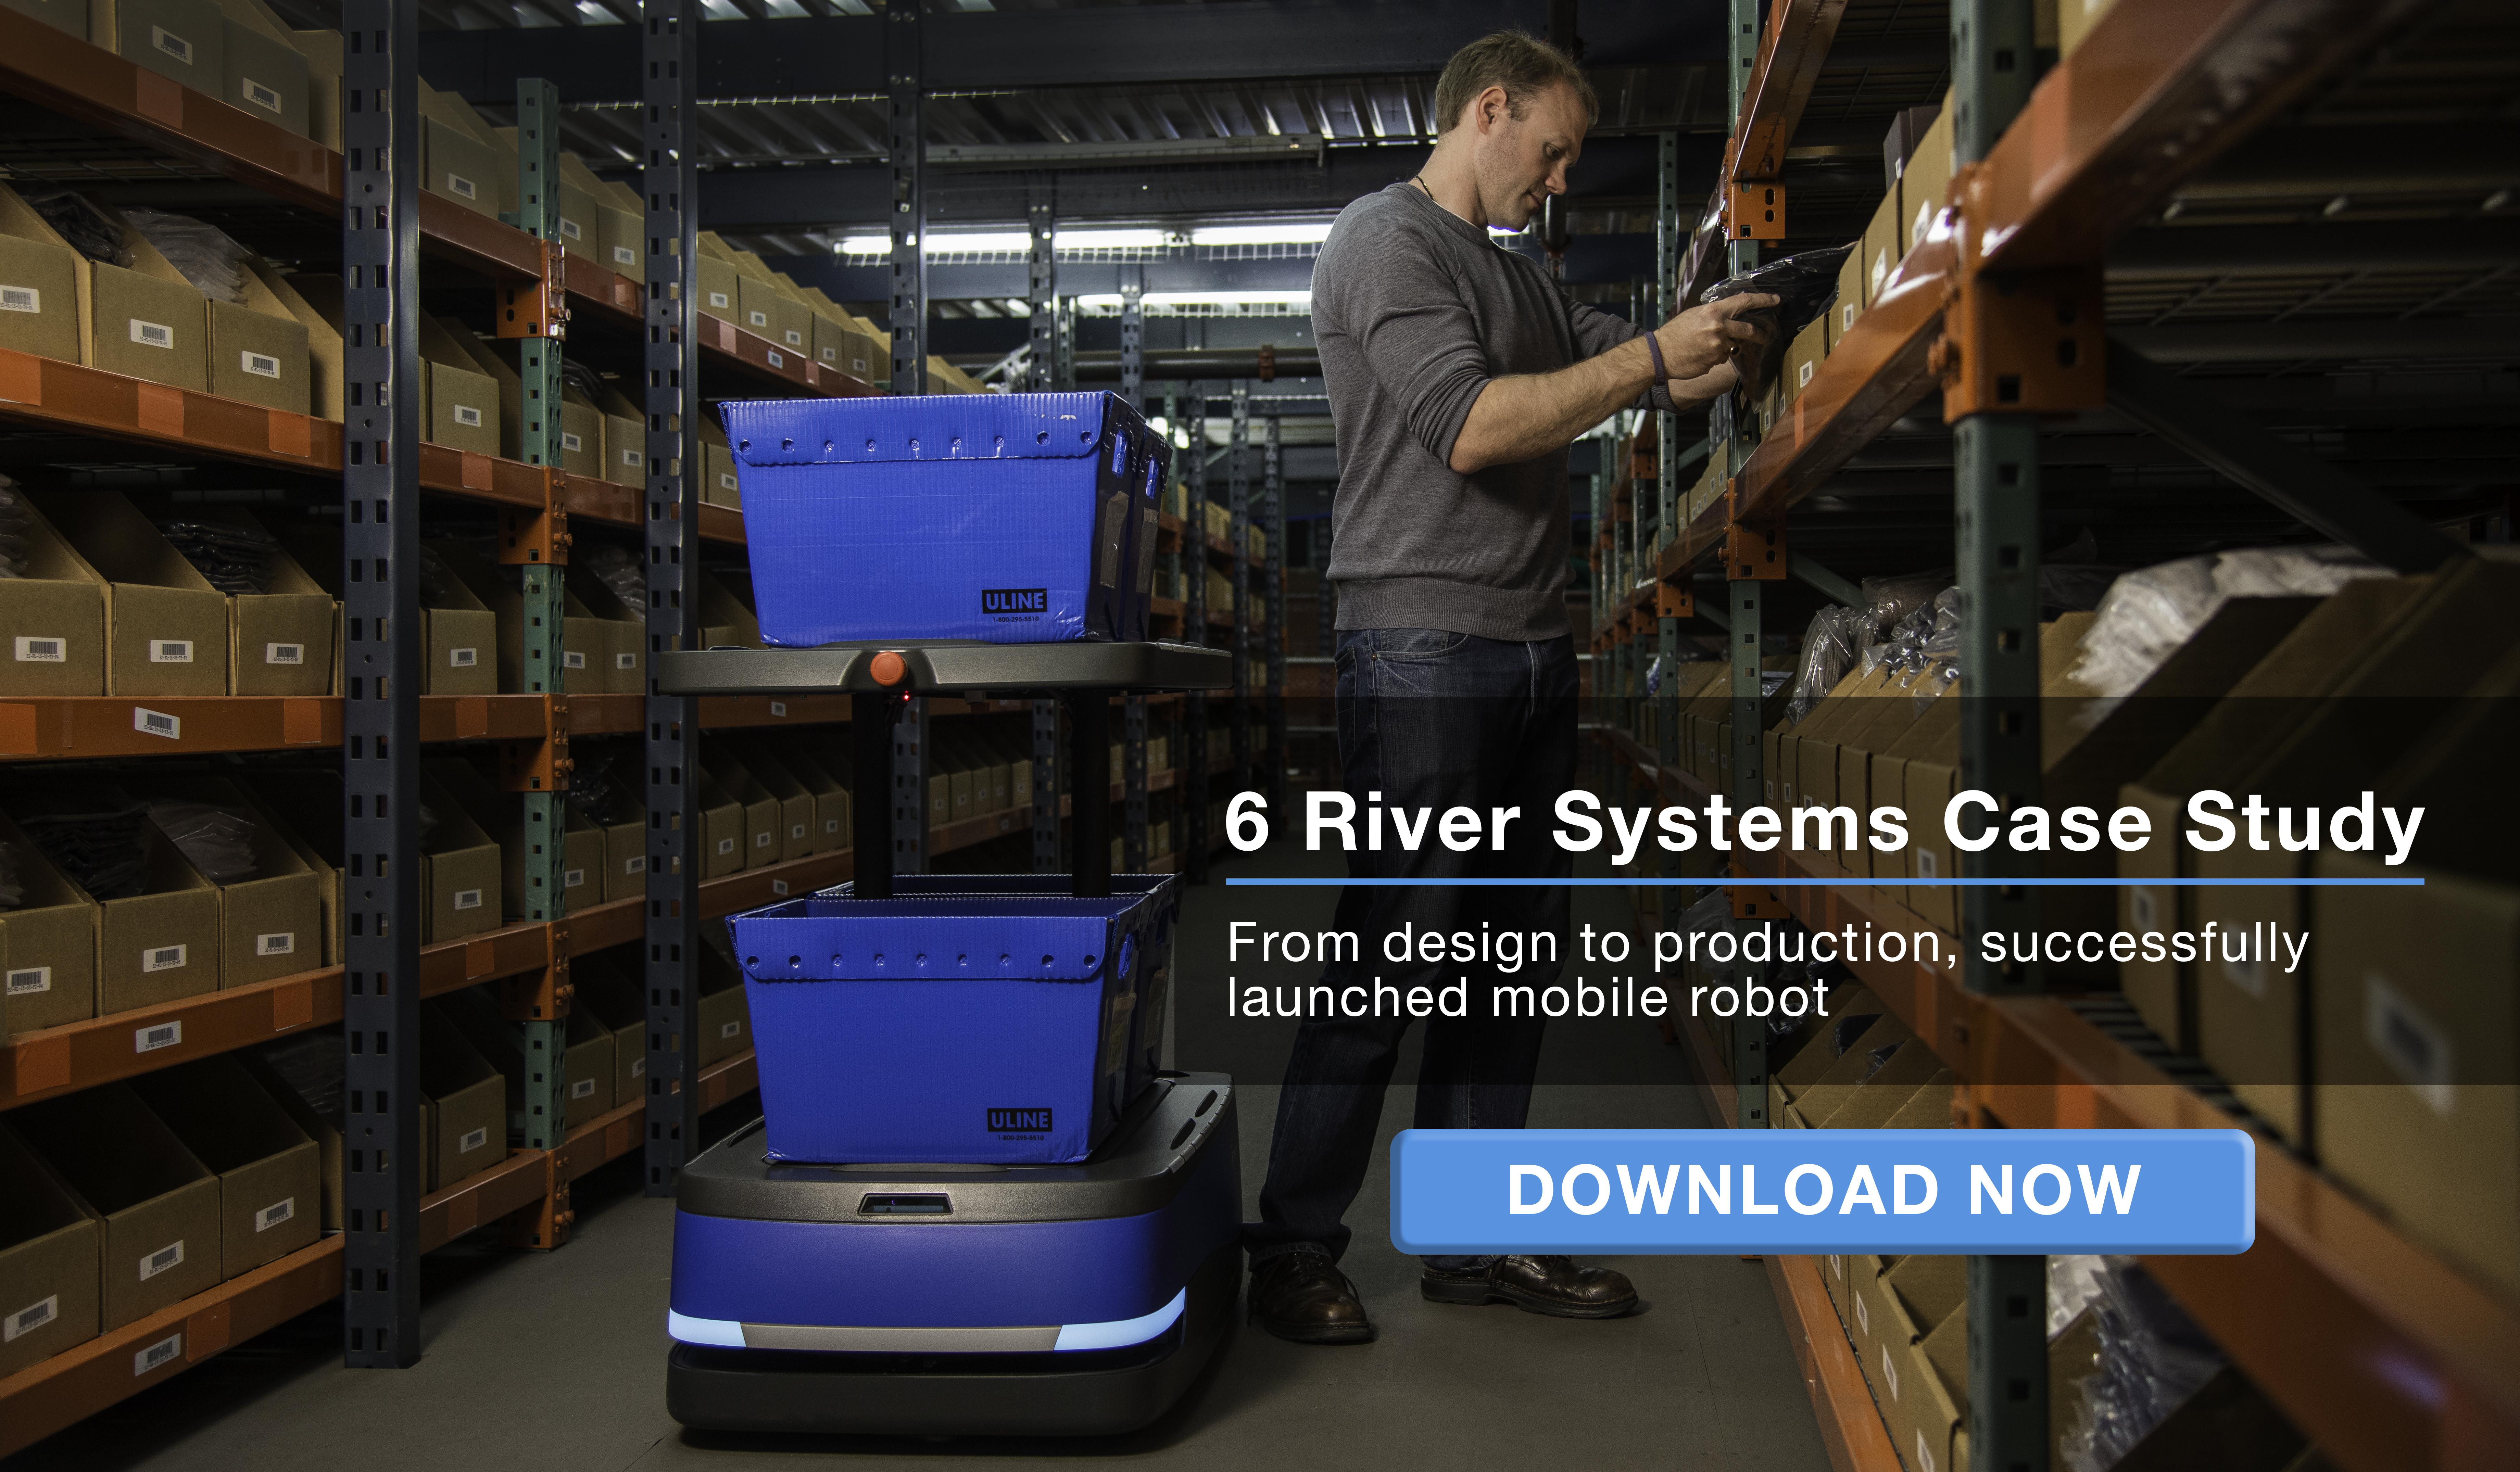 Six Rivers mobile robot